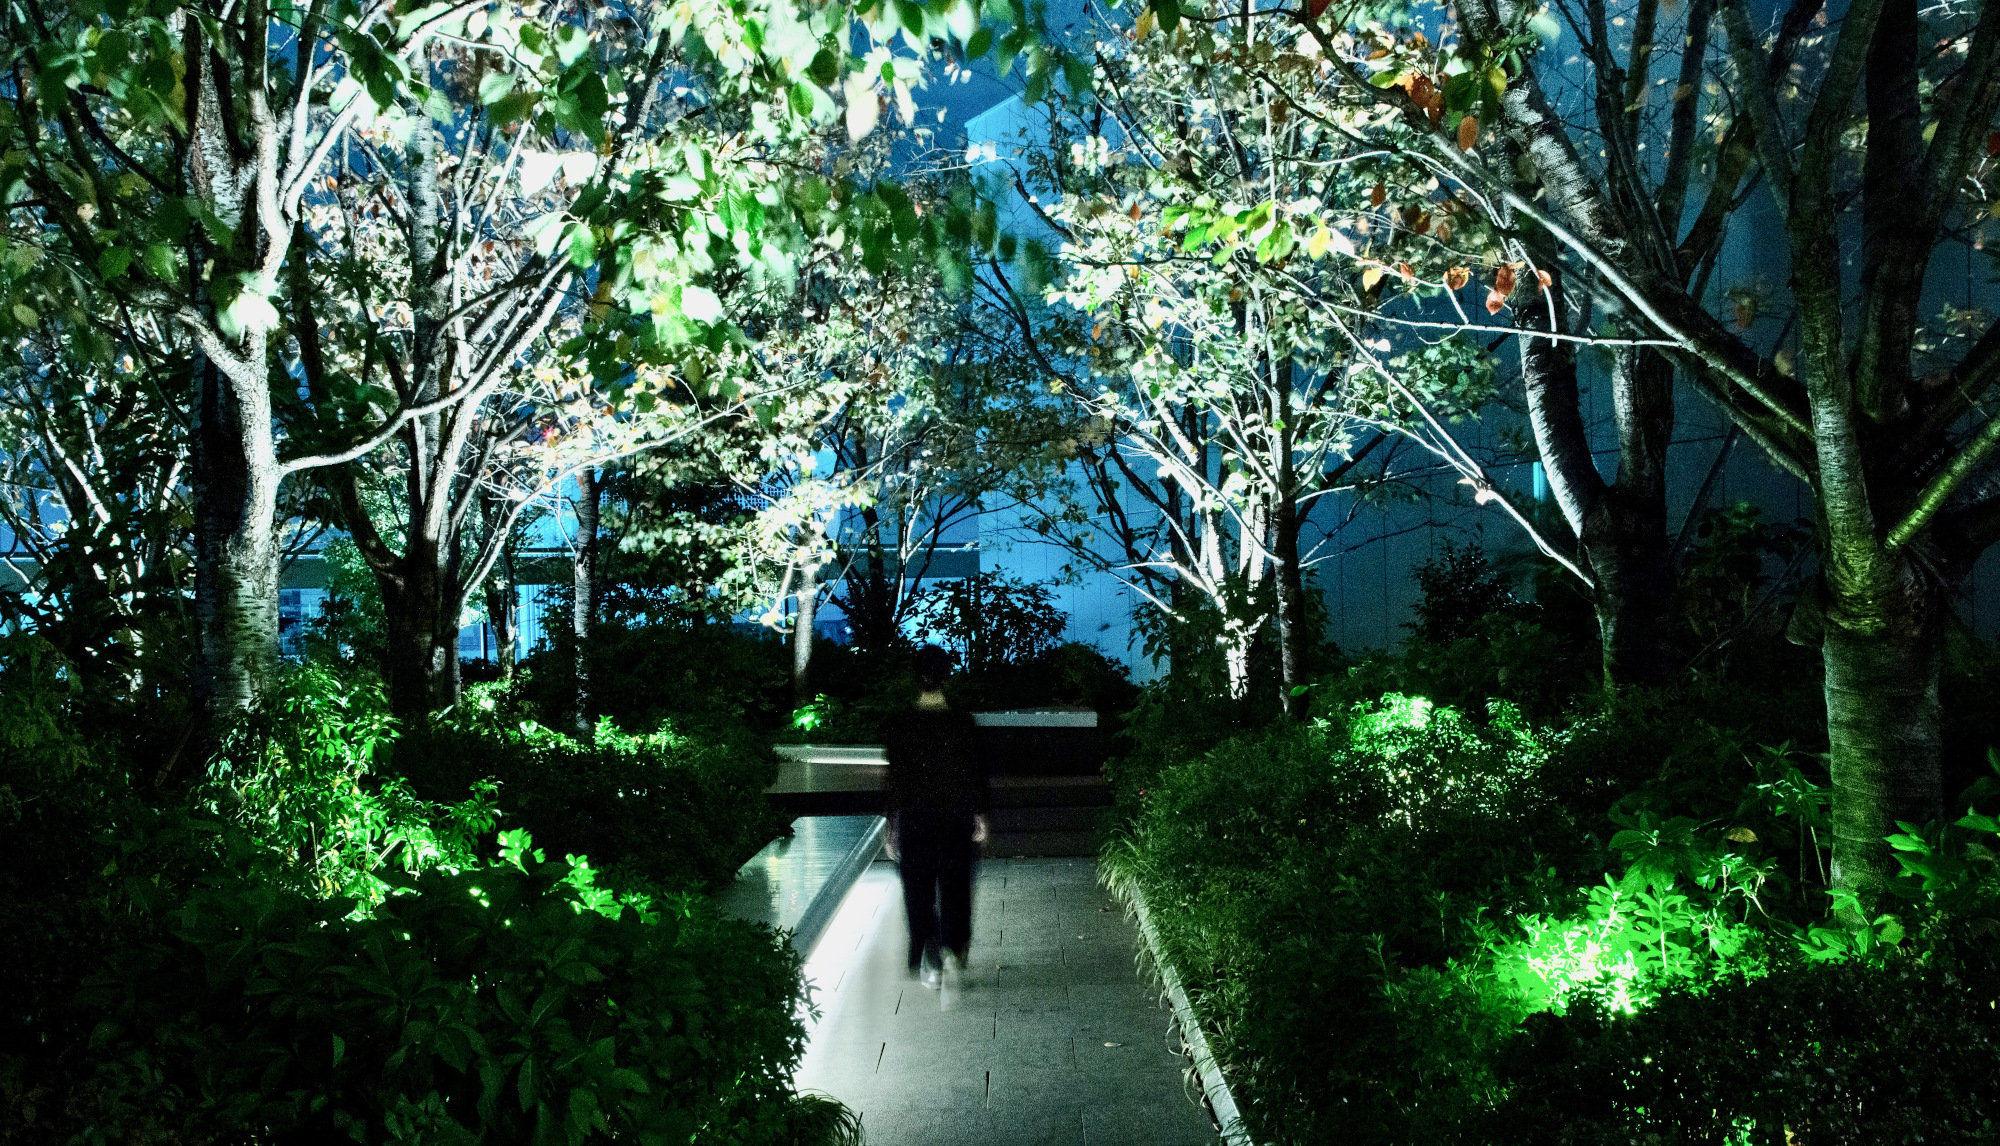 GINZA SIXガーデン(屋上庭園)の森で、この冬3ヶ月間だけ体験できる新しい音との出会い。